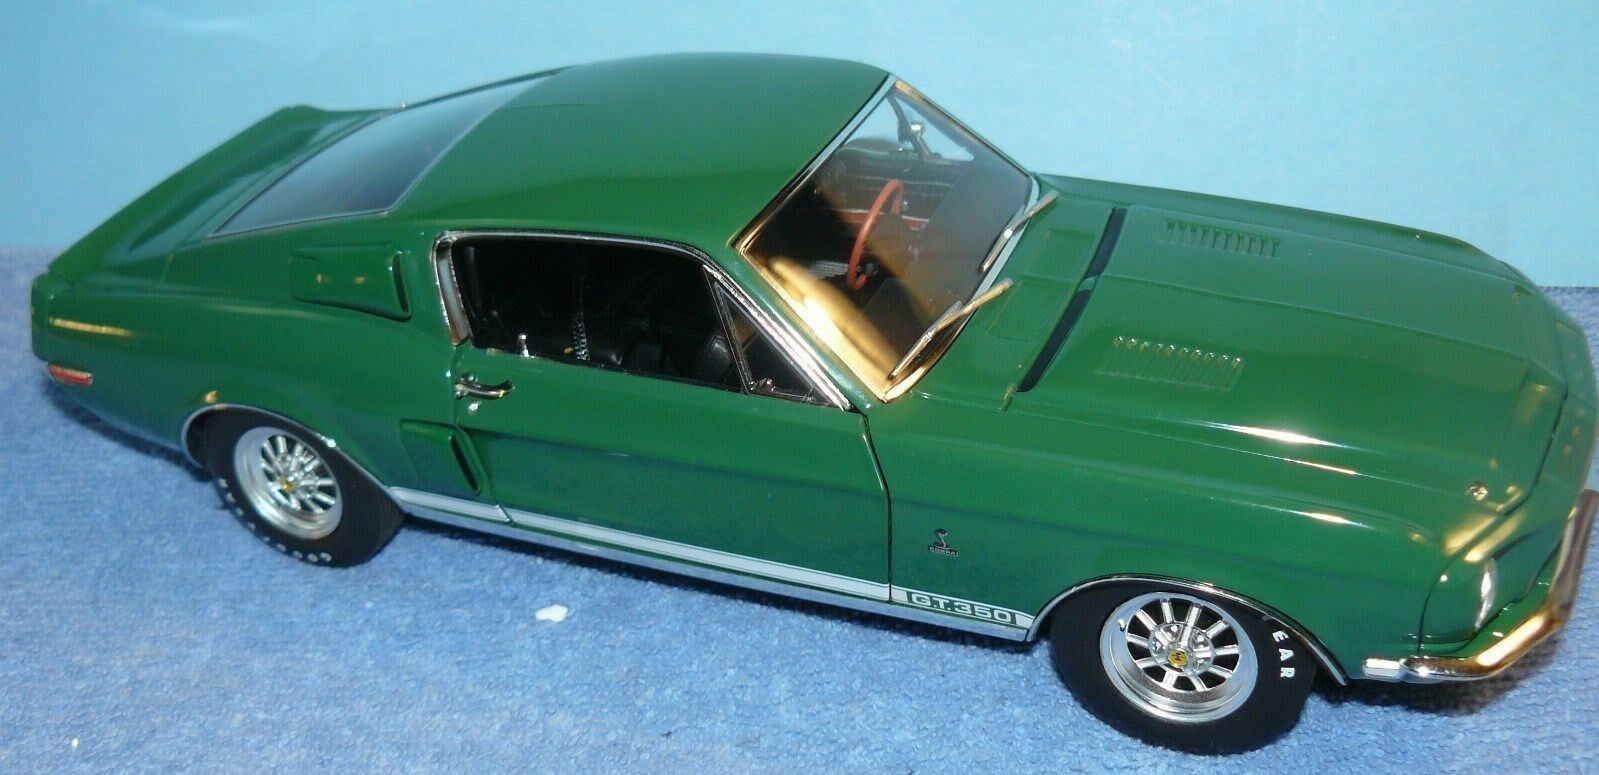 marcas en línea venta barata 1 18, 1968 1968 1968 Ford Shelby Mustang GT 350 WT 7018 Diecast Modelo  gran descuento